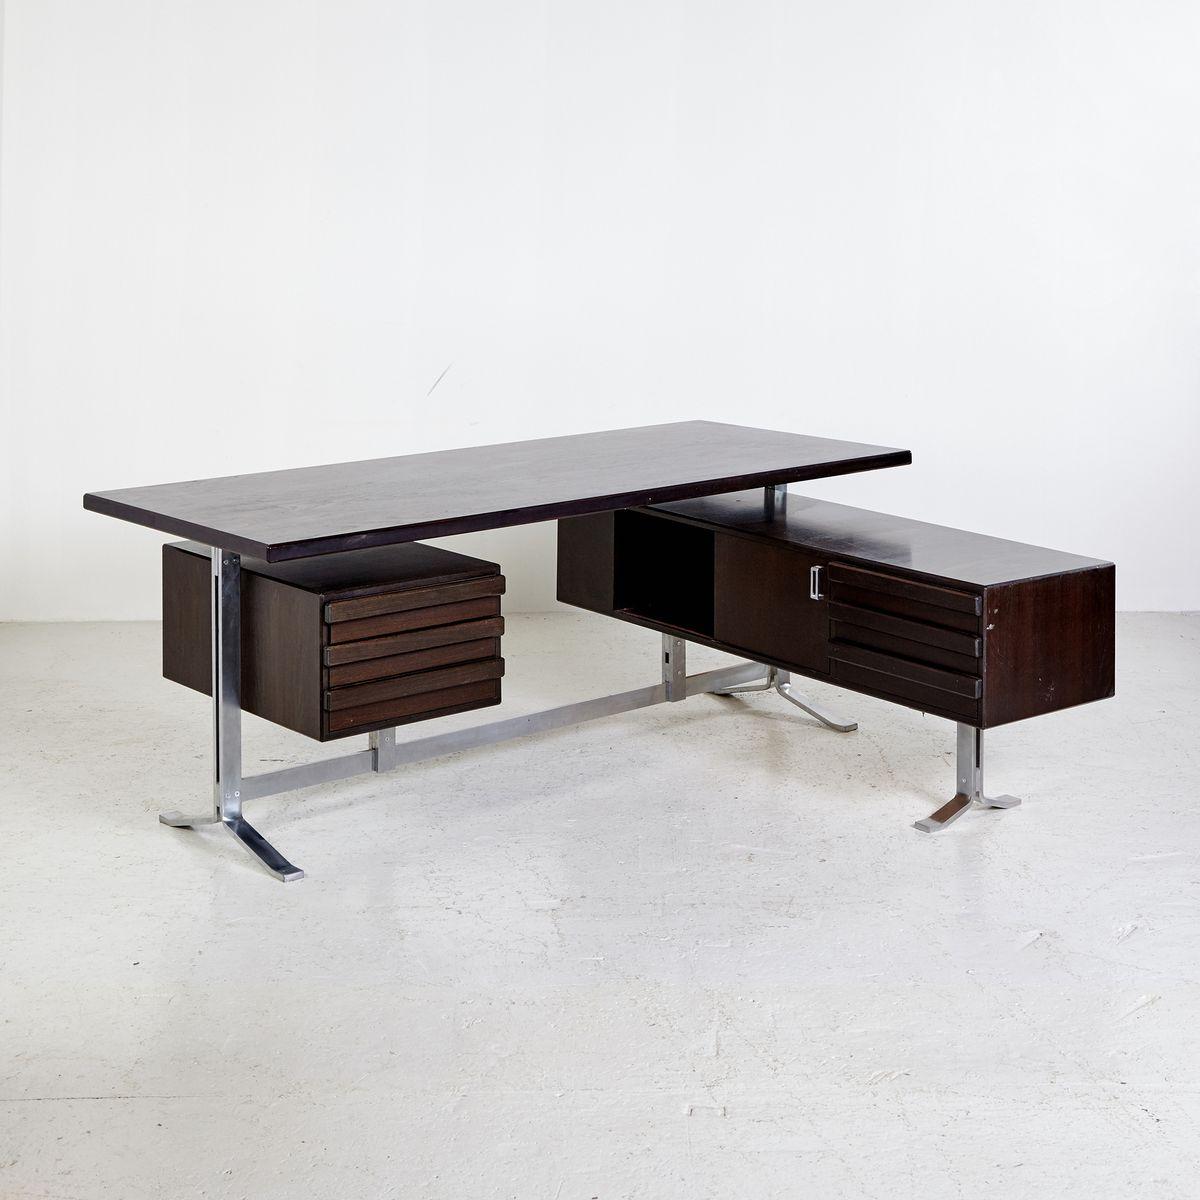 chef schreibtisch von gianni moscatelli f r f rmanova 1960er bei pamono kaufen. Black Bedroom Furniture Sets. Home Design Ideas